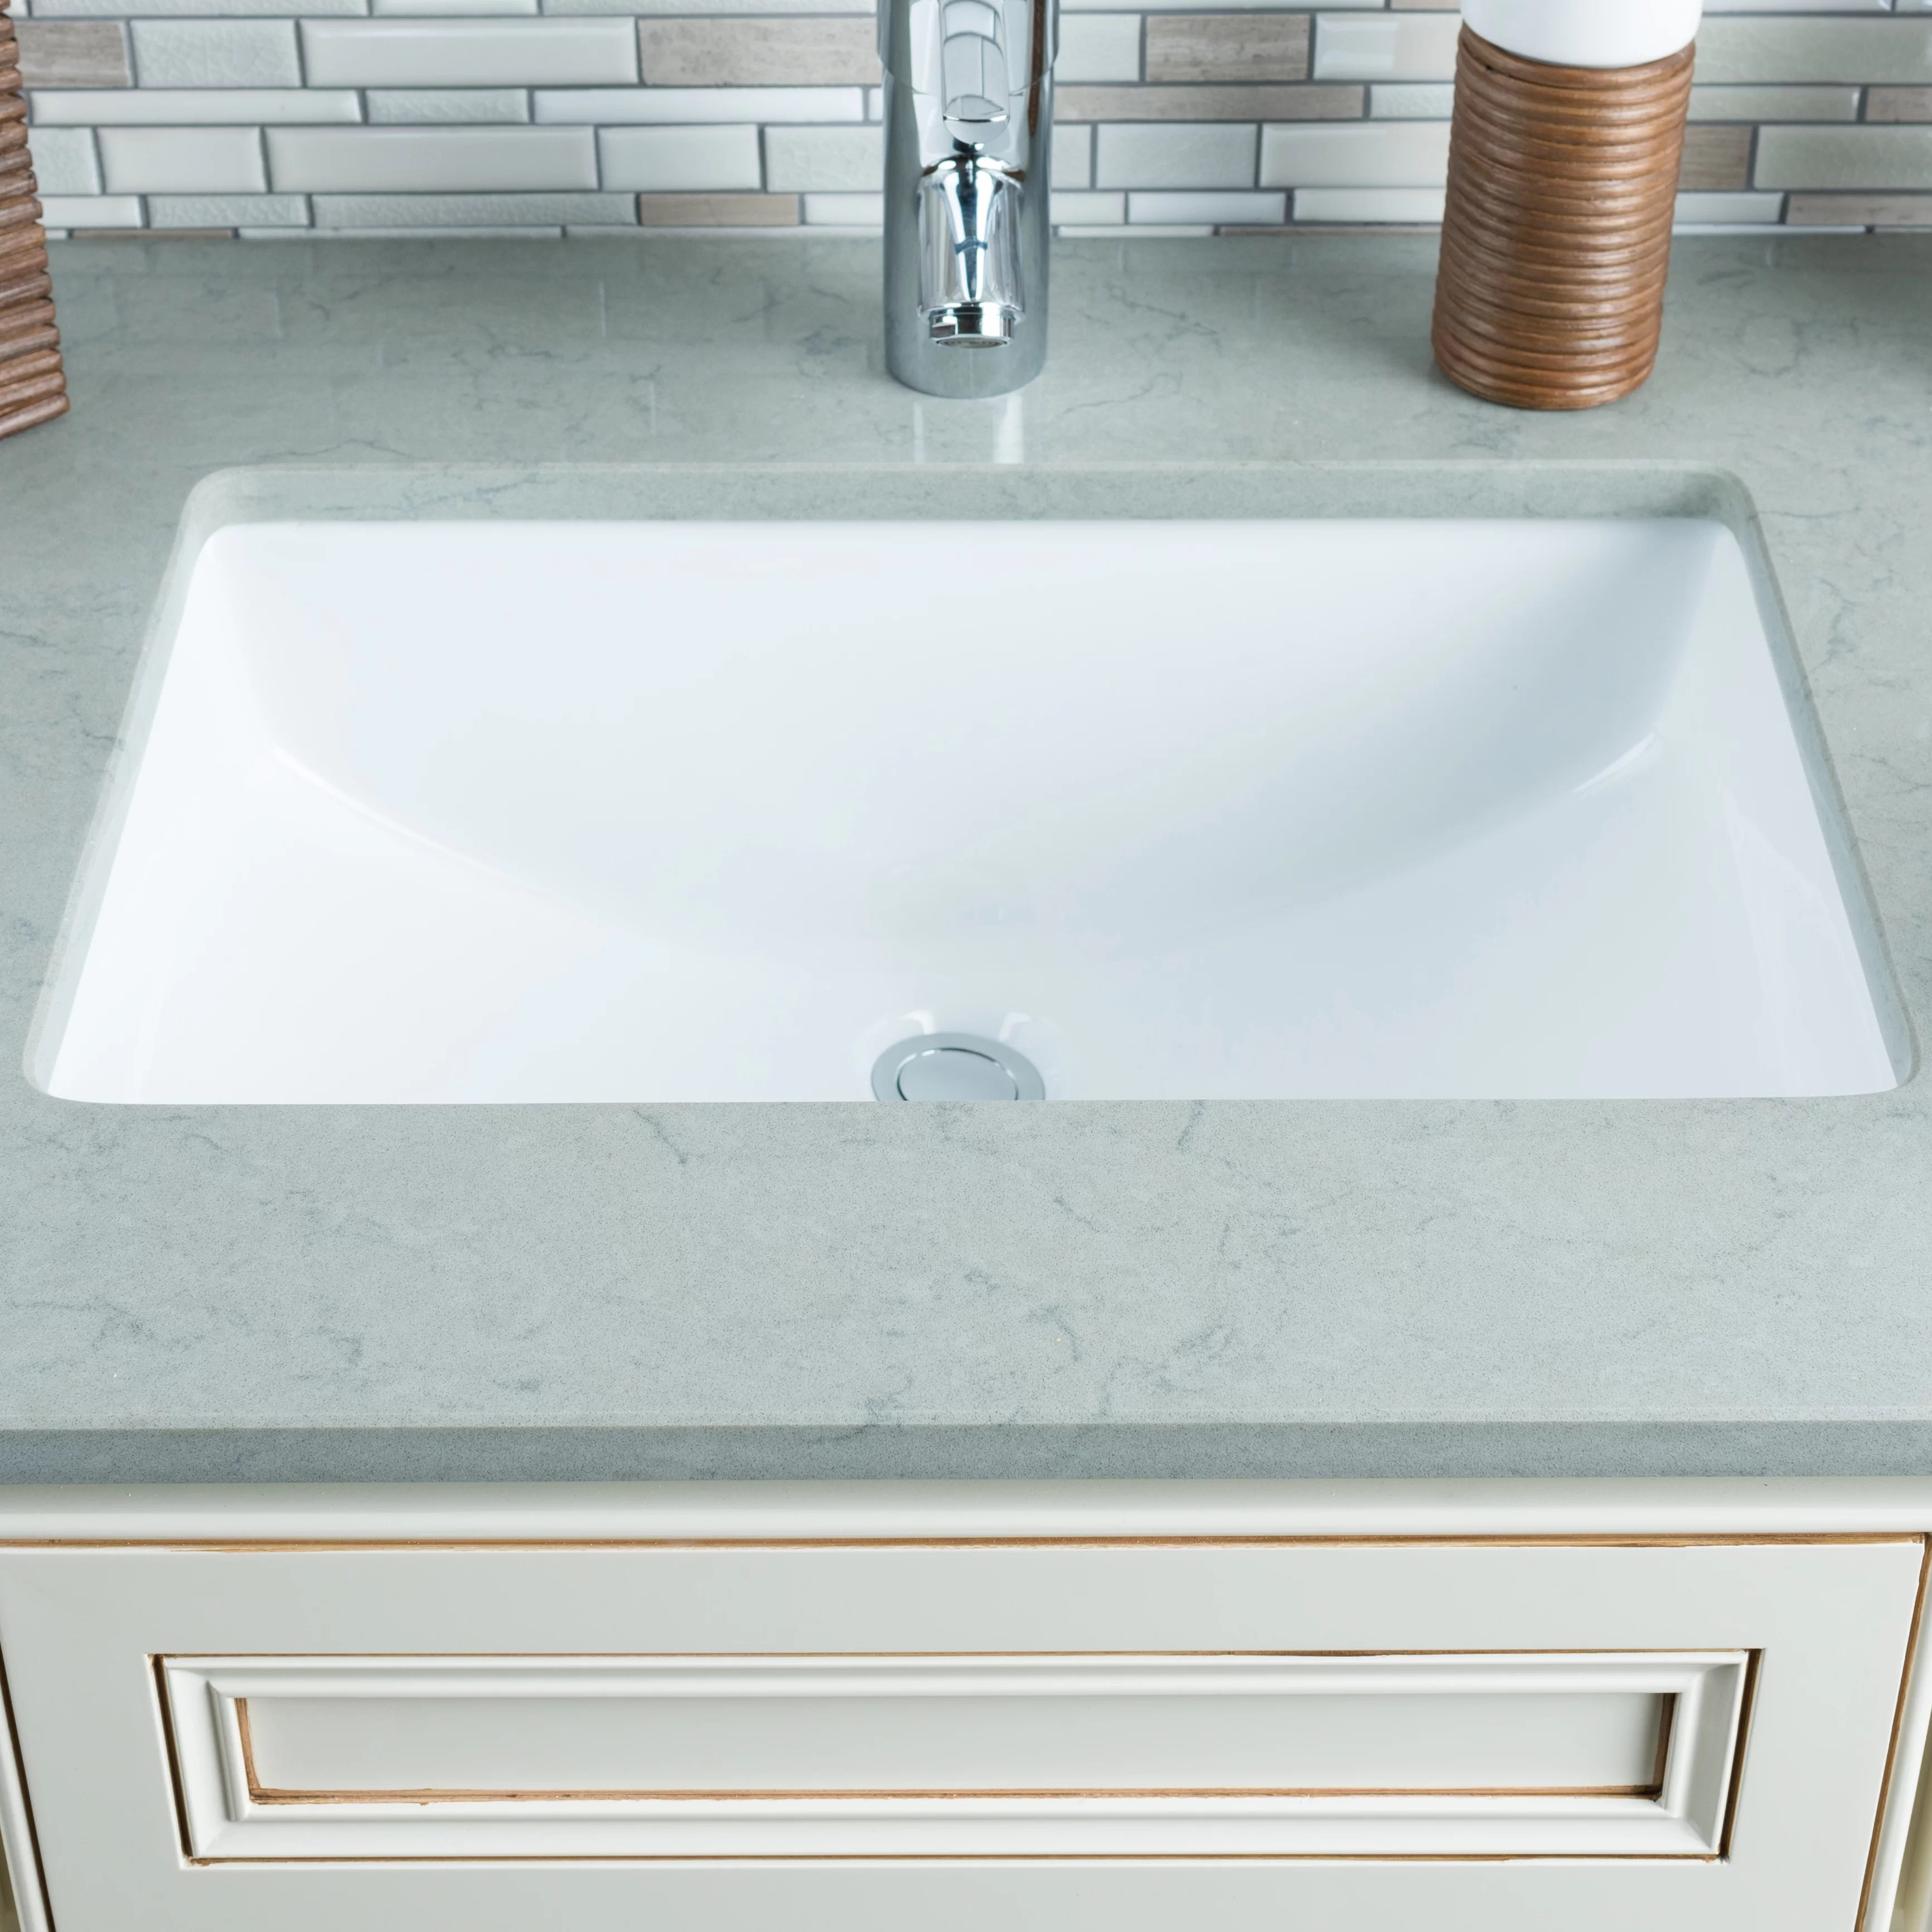 undermount bathroom sinks hahn kitchen sinks hahn ceramic bowl rectangular undermount bathroom sink with overflow